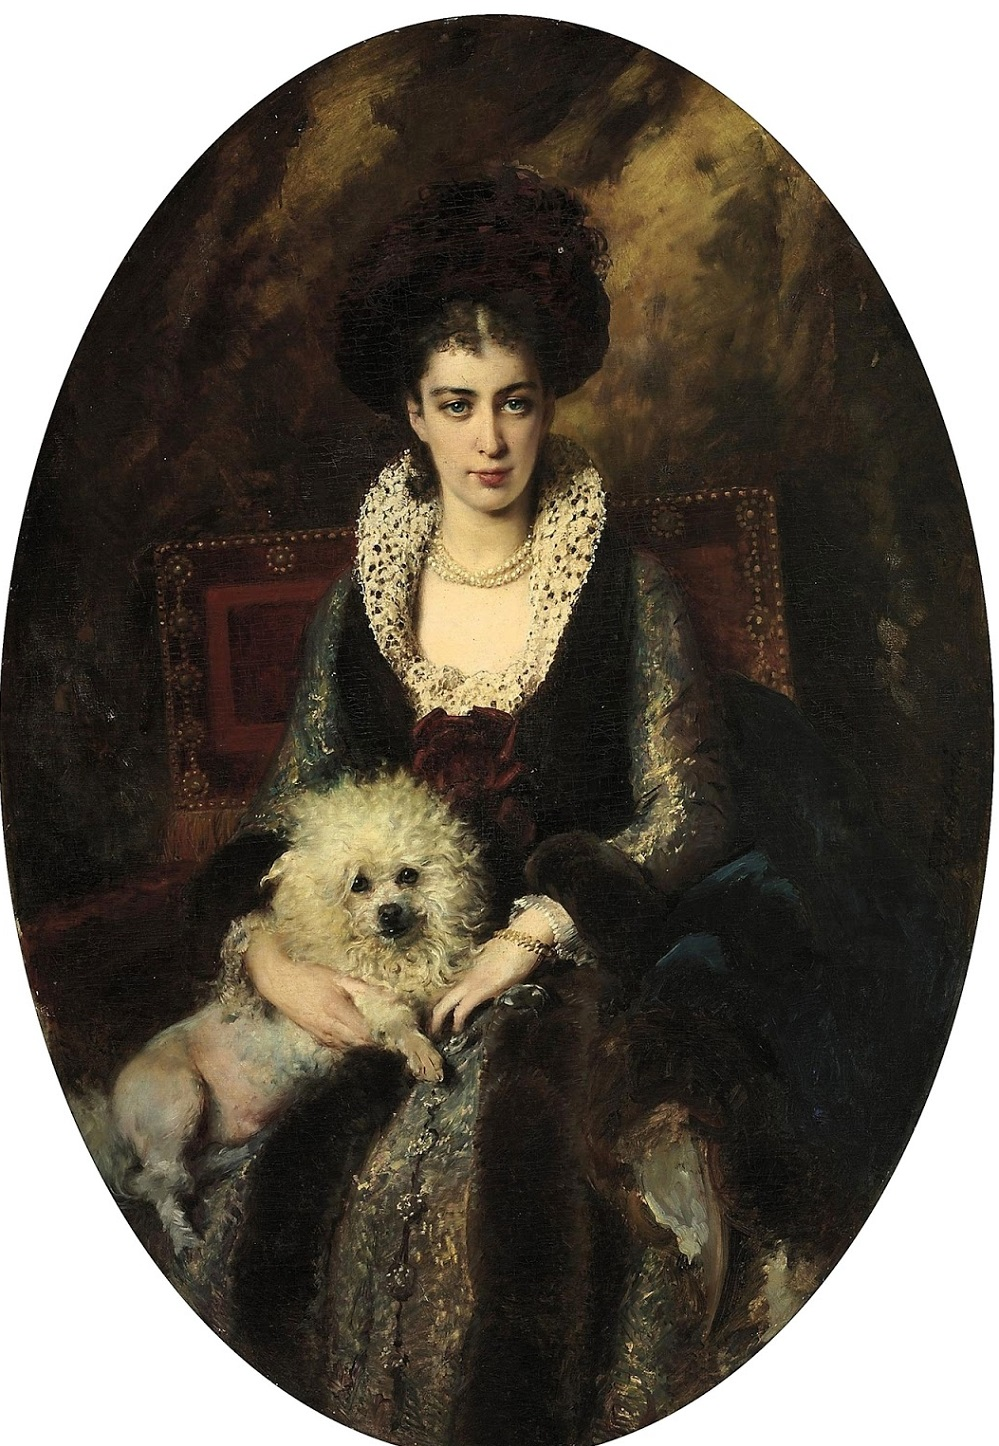 Портрет жены художника, Маковской Марии Алексеевны (1869-1919) Частное собрание.